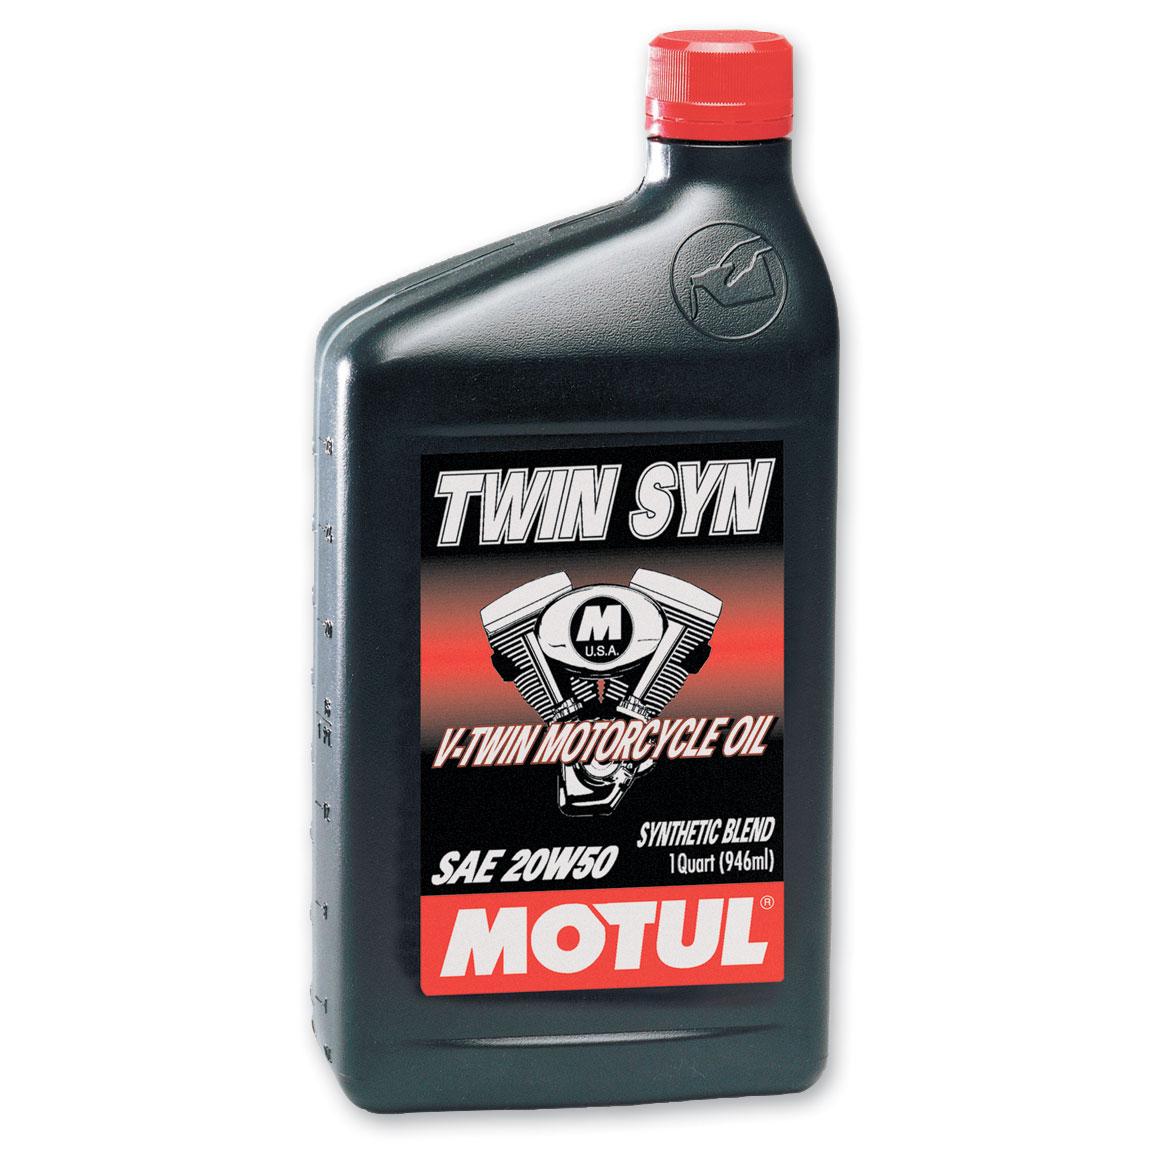 MOTUL Twin Syn Synthetic Blend 20W50 Motor Oil Quart